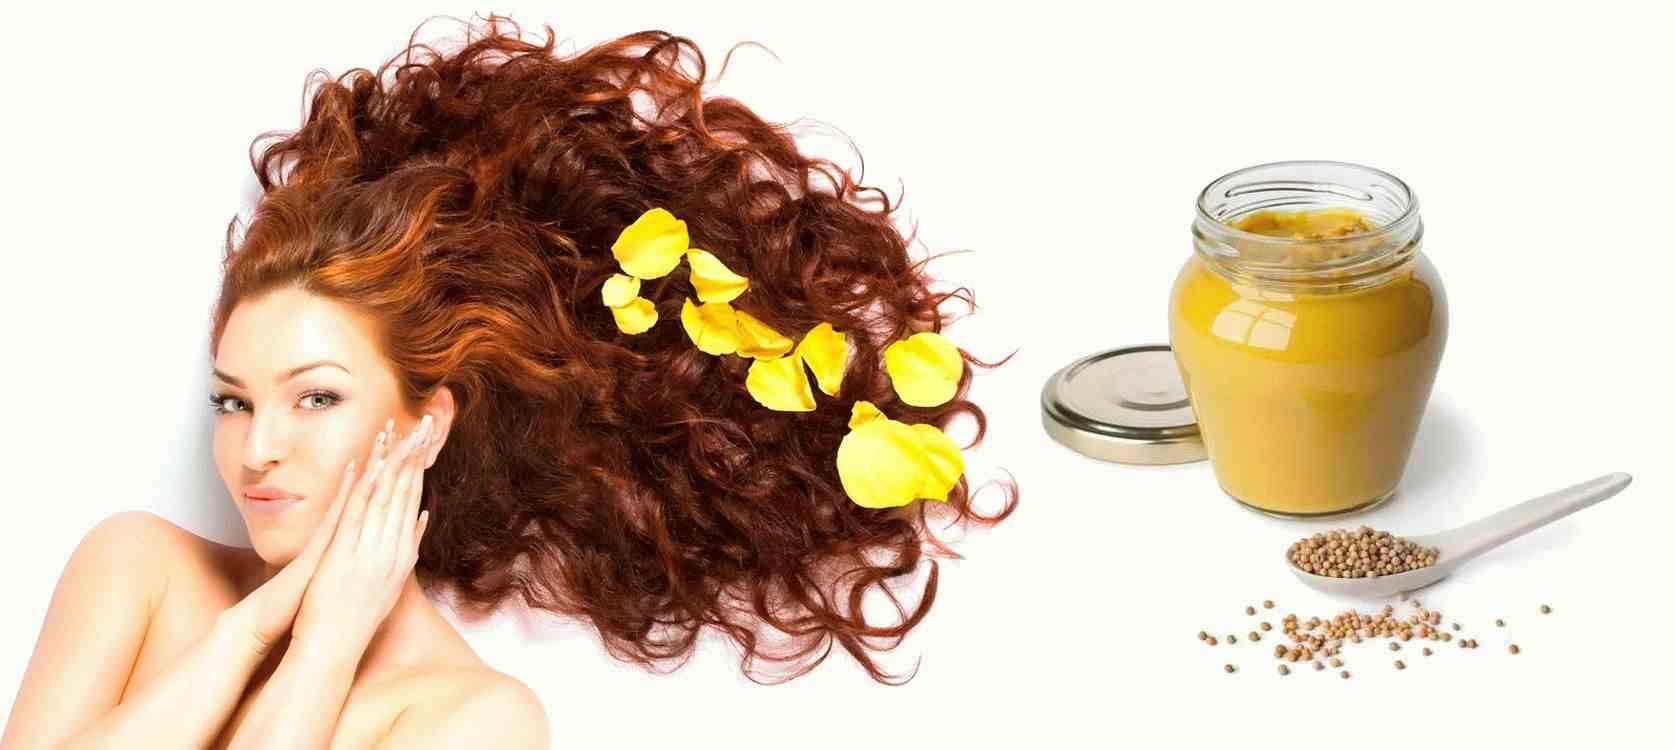 Рецепты домашних масок для быстрого роста волос